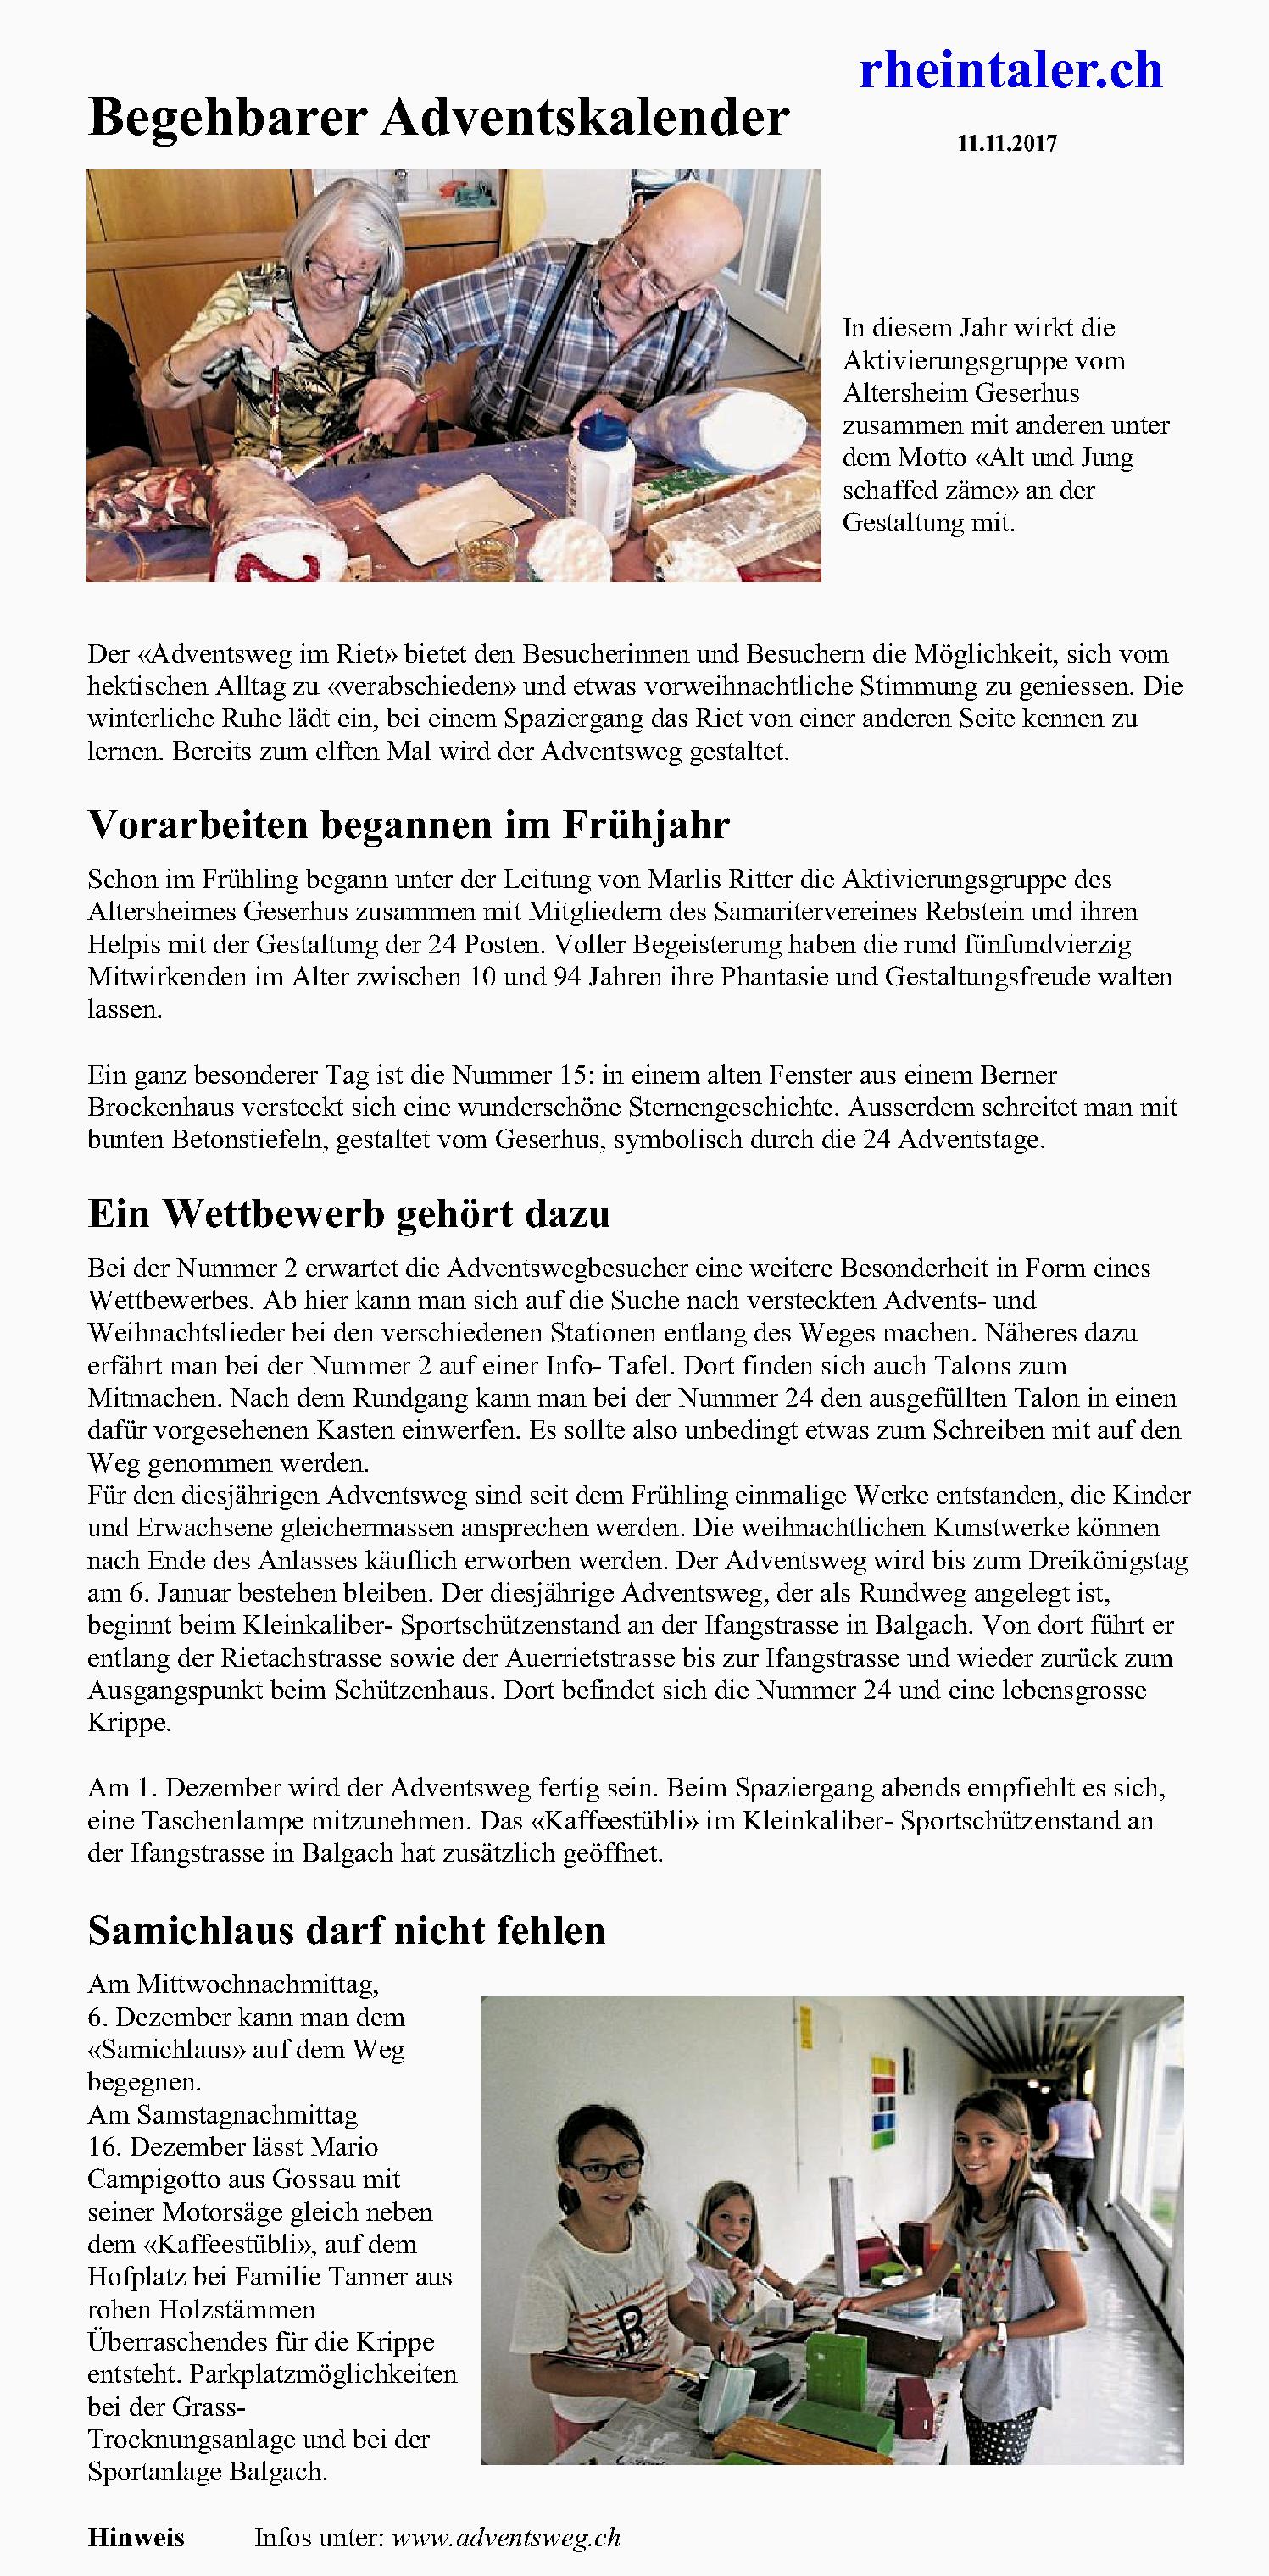 2017-11-11 Rheintalerpng